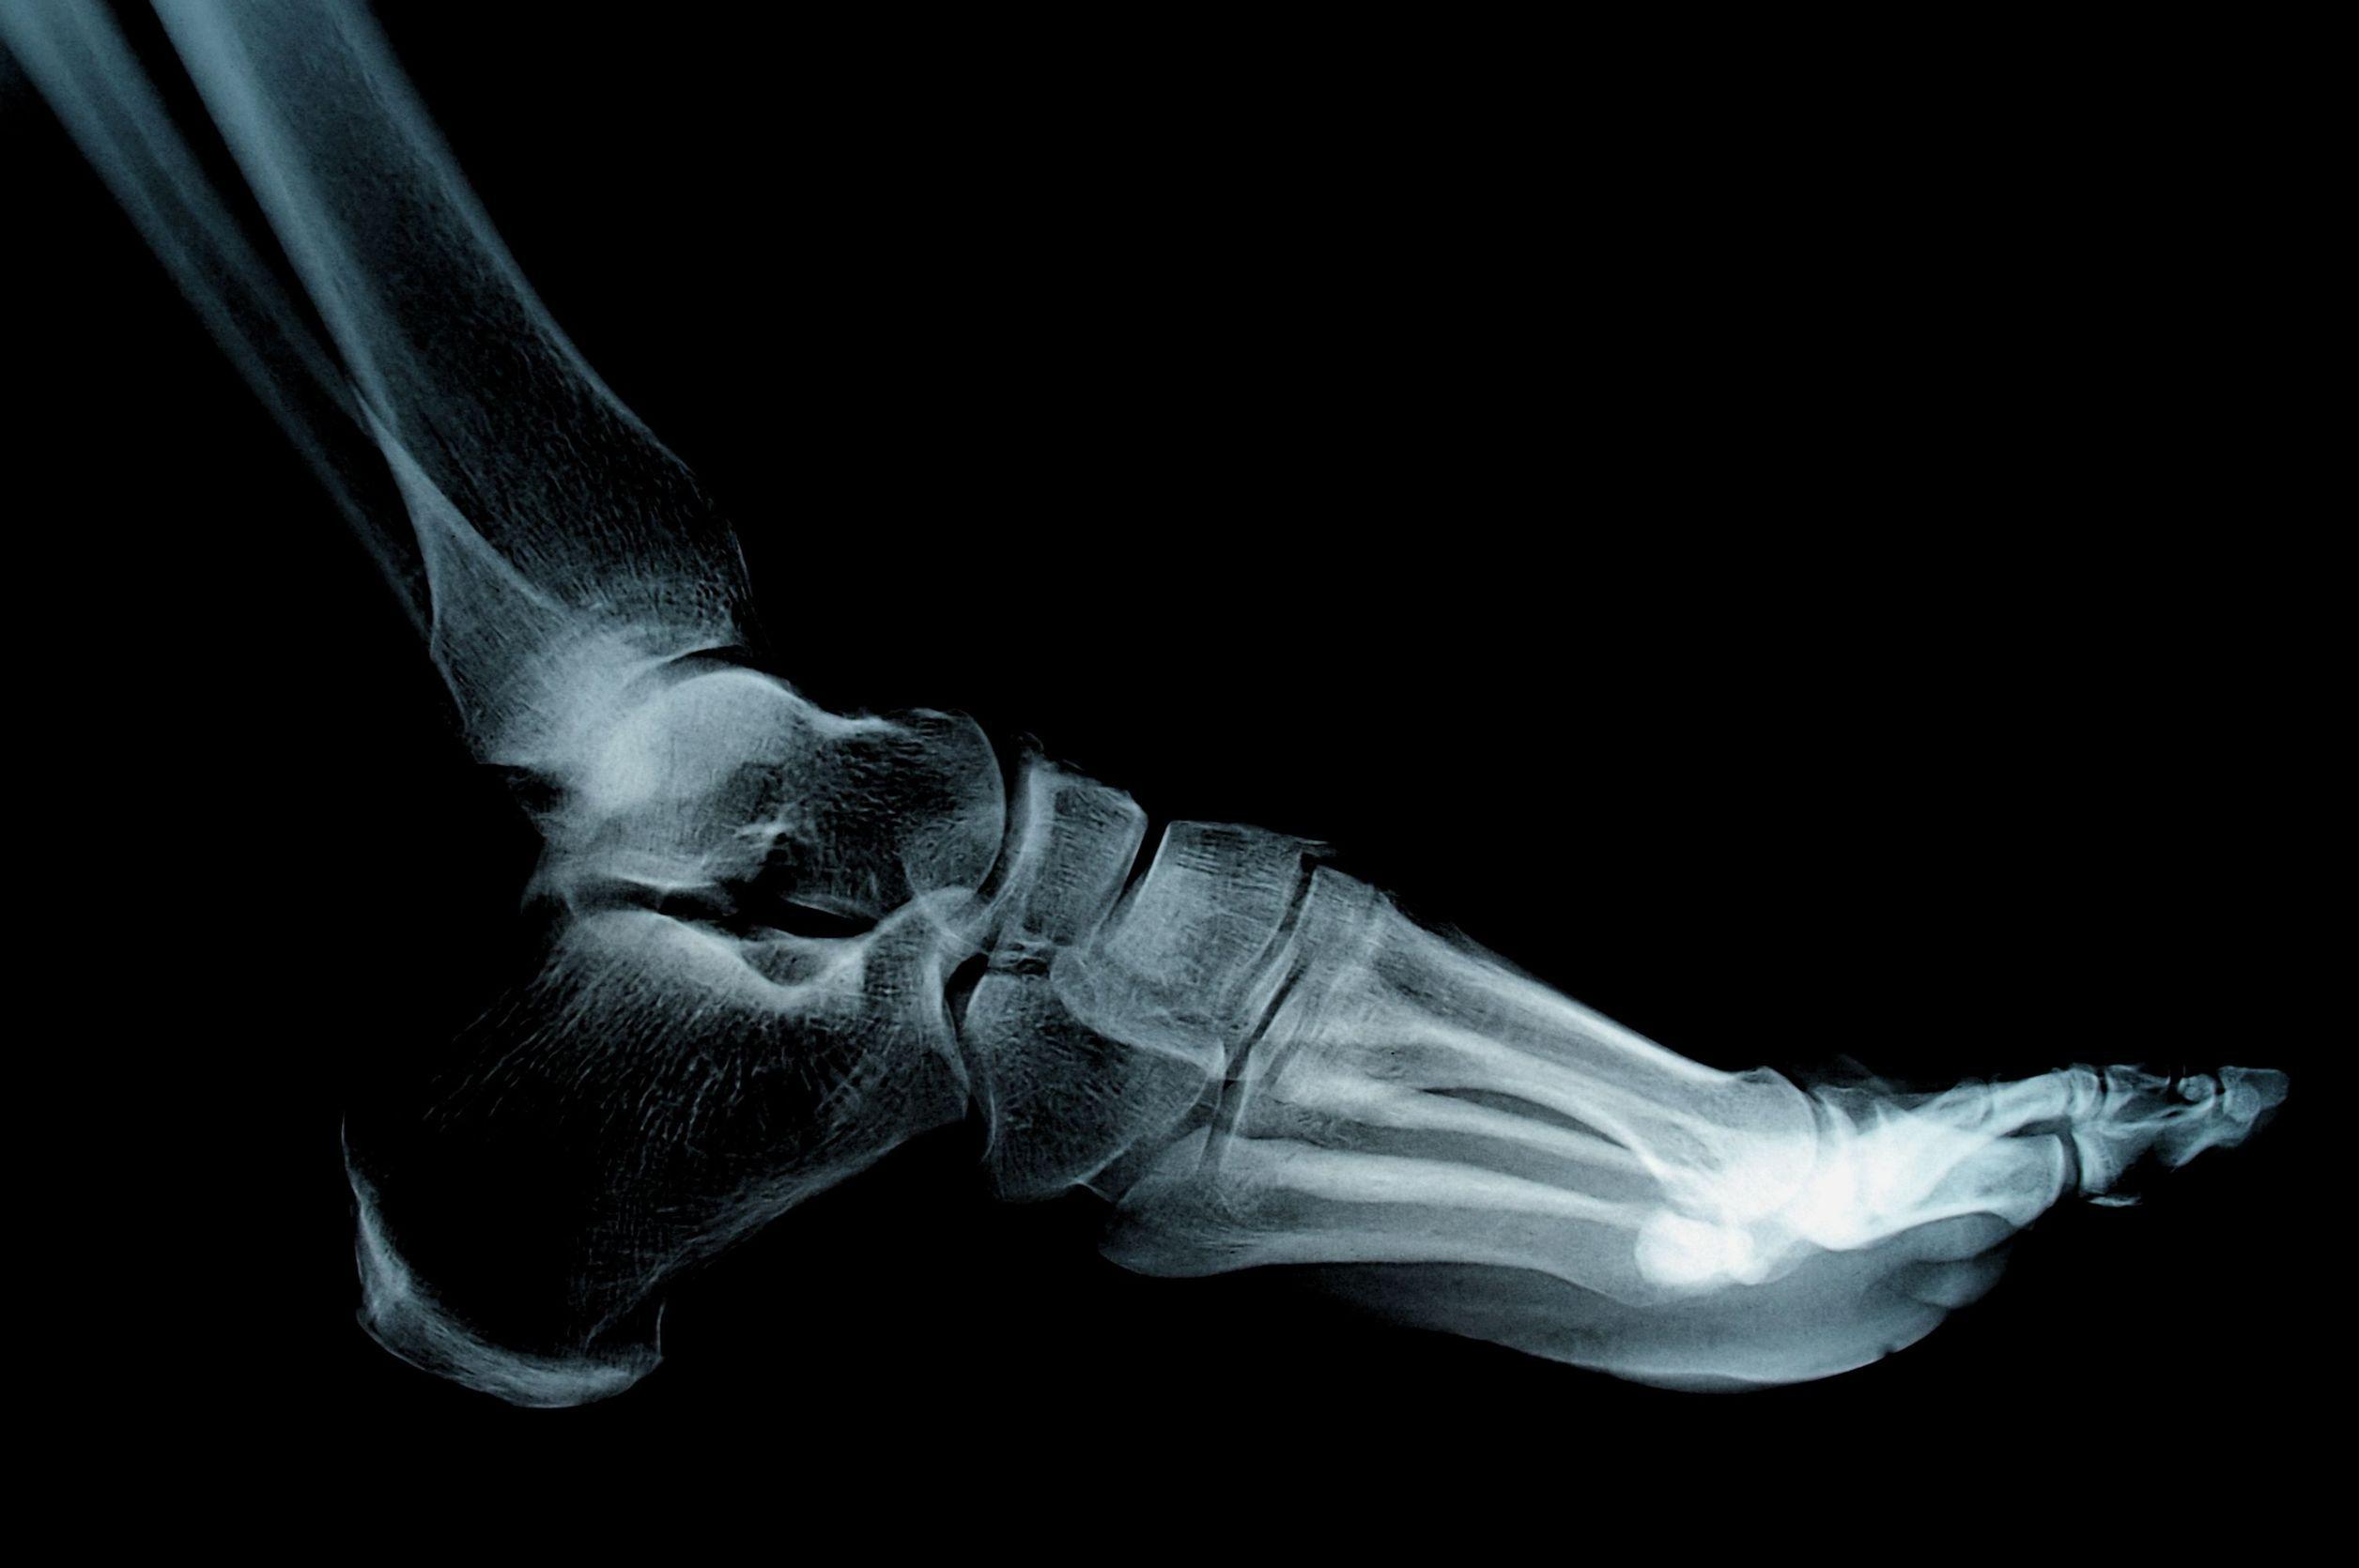 Cinci ore de aşteptare la Urgenţe, în Craiova, pentru o radiografie. Aparatul vechi din 1970 s-a defectat